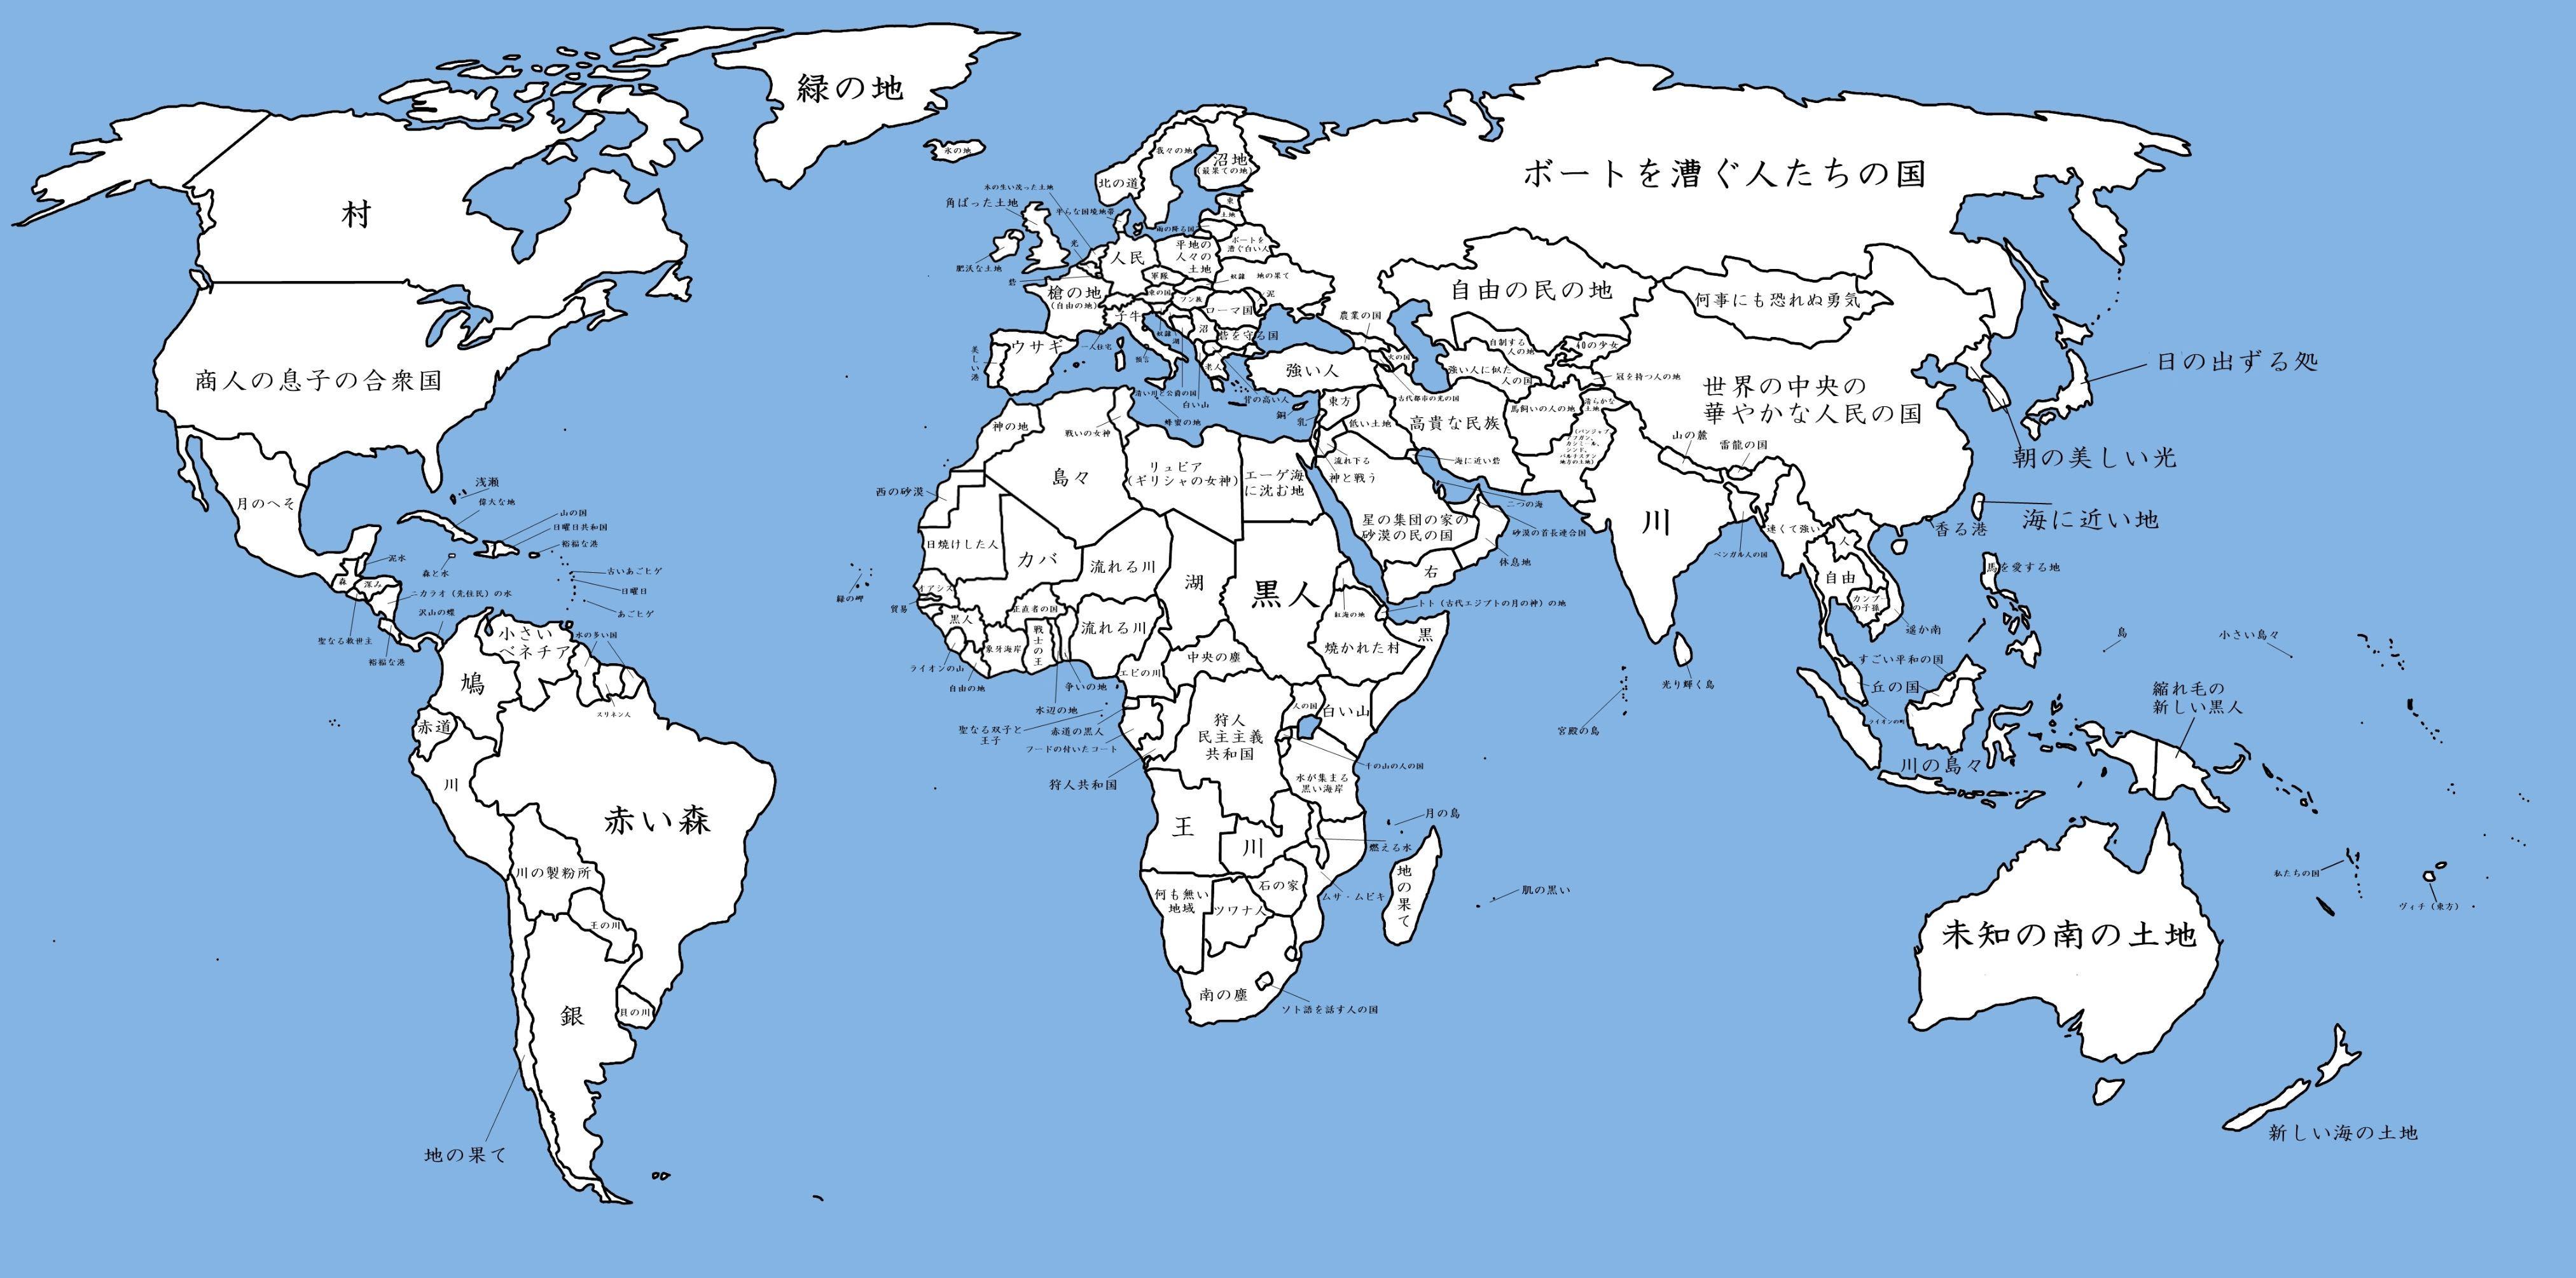 海外ネタつれずれ国名を意味通り訳した地図を作ってみた